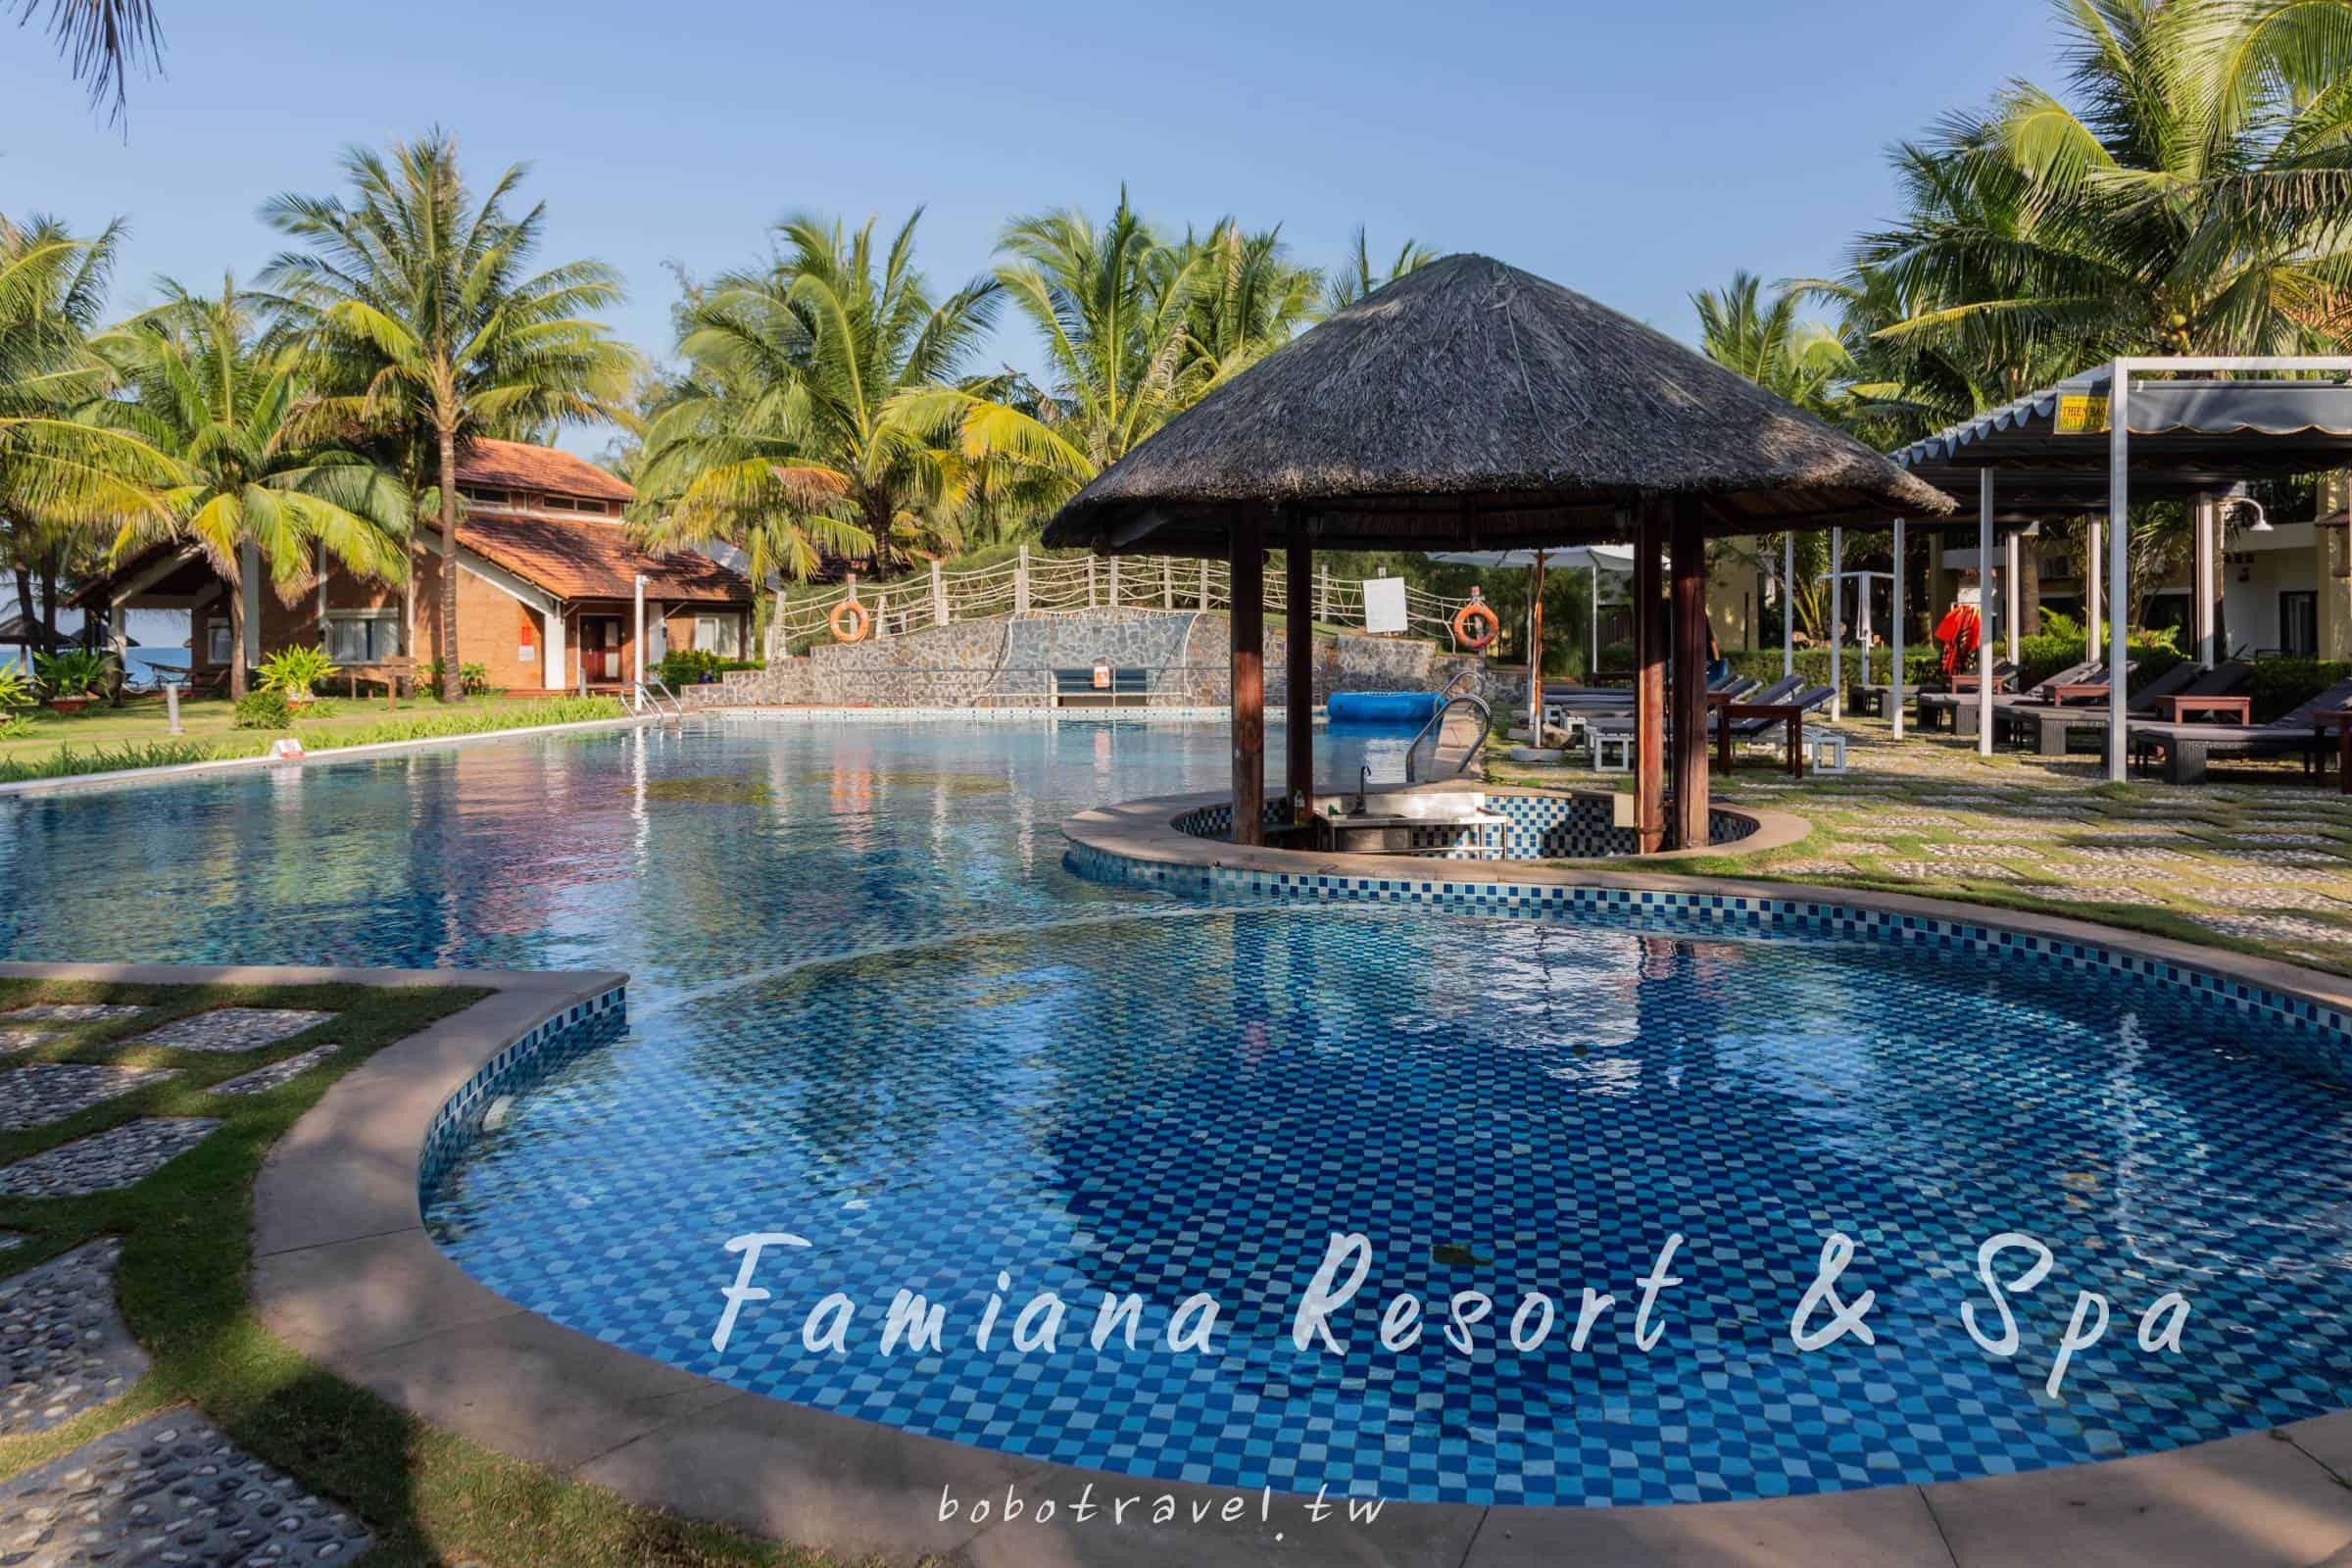 越南、富國島住宿推薦|度假飯店首選 !Famiana Resort and Spa 超值度假村,私人沙灘上有盪鞦韆